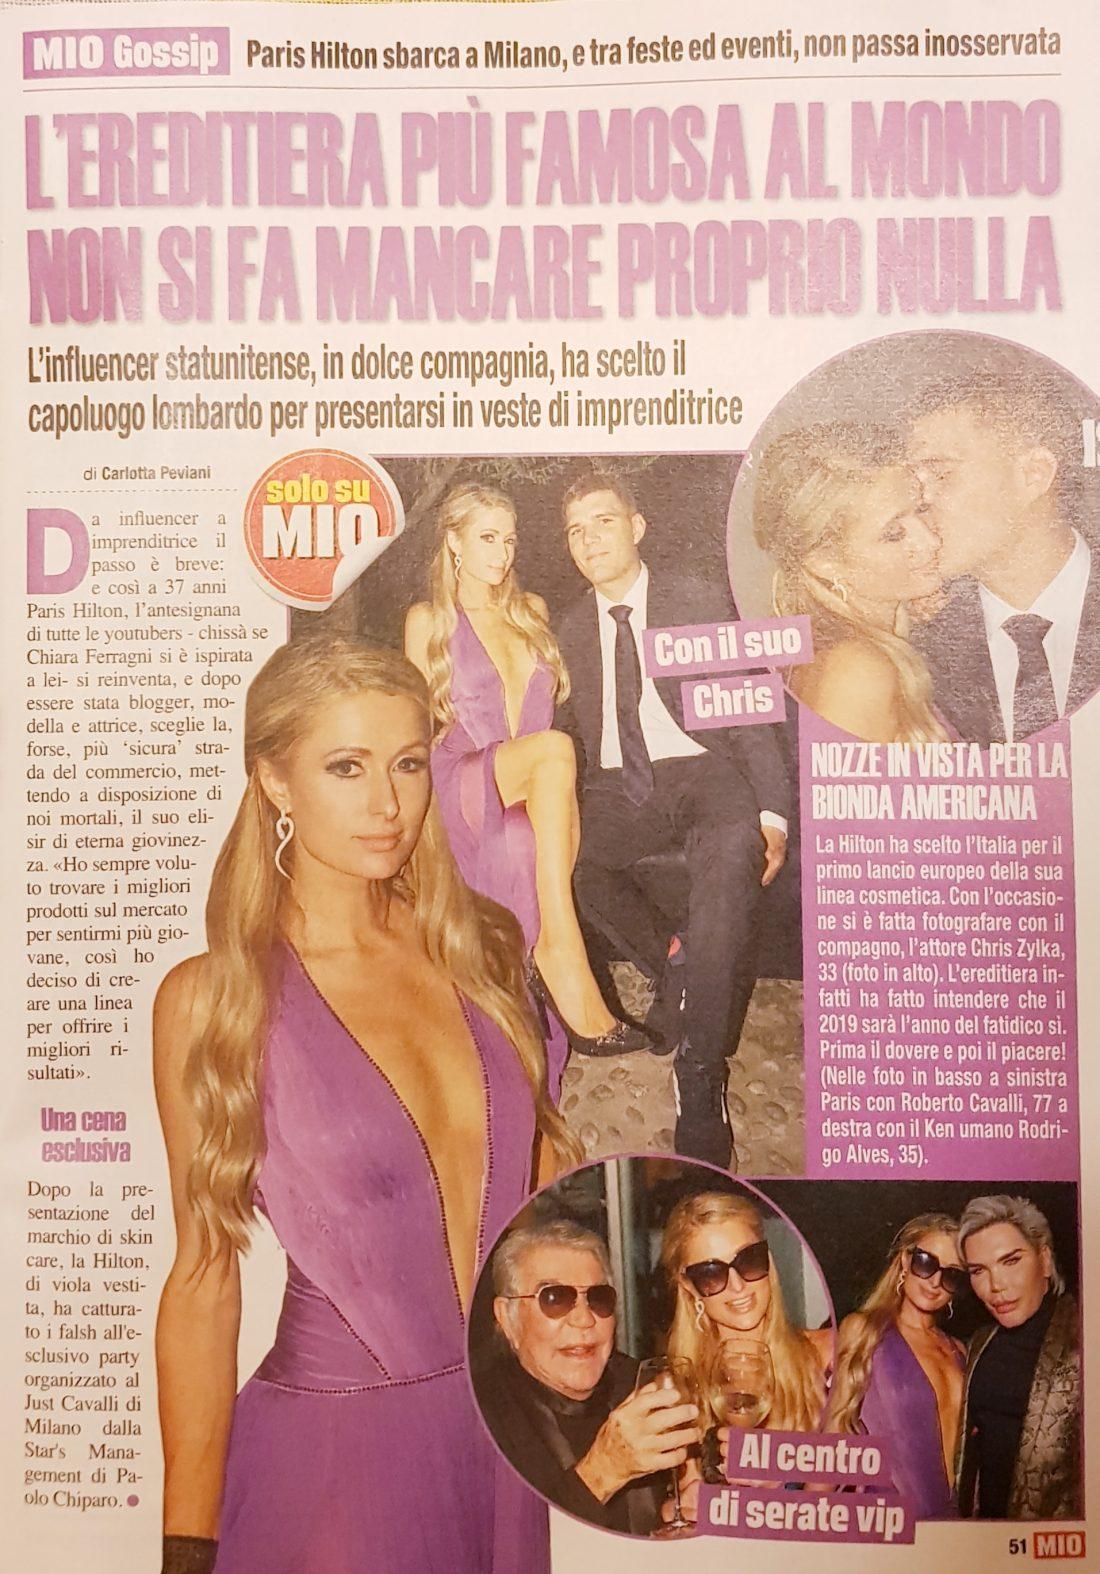 Paris Hilton Just Cavalli Milano Italia foto Gabriele Ardemagni settimanale Mio